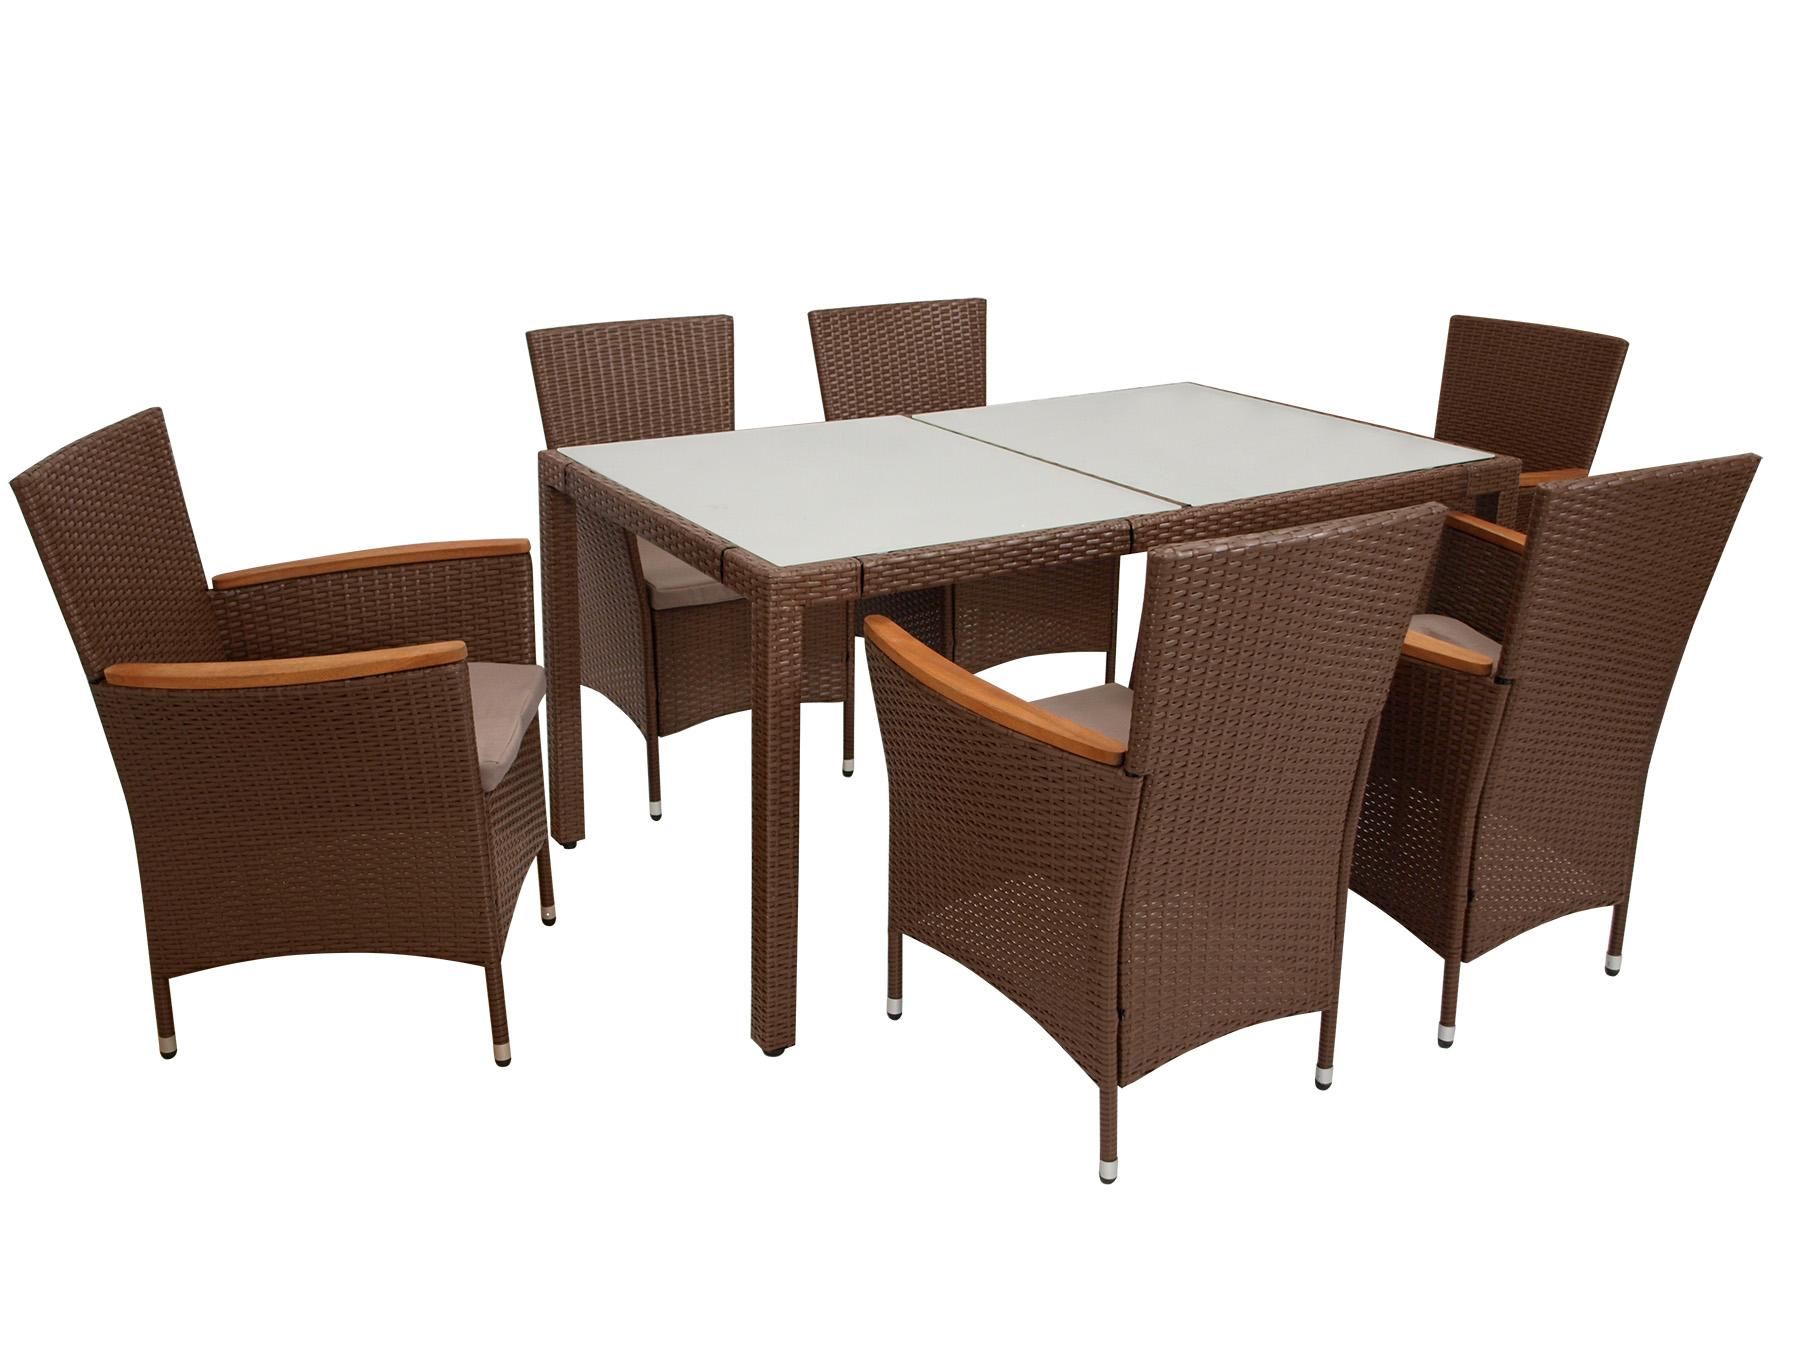 Garnitur MONTREUX 7-teilig, Geflecht braun + Glastisch 90x150cm